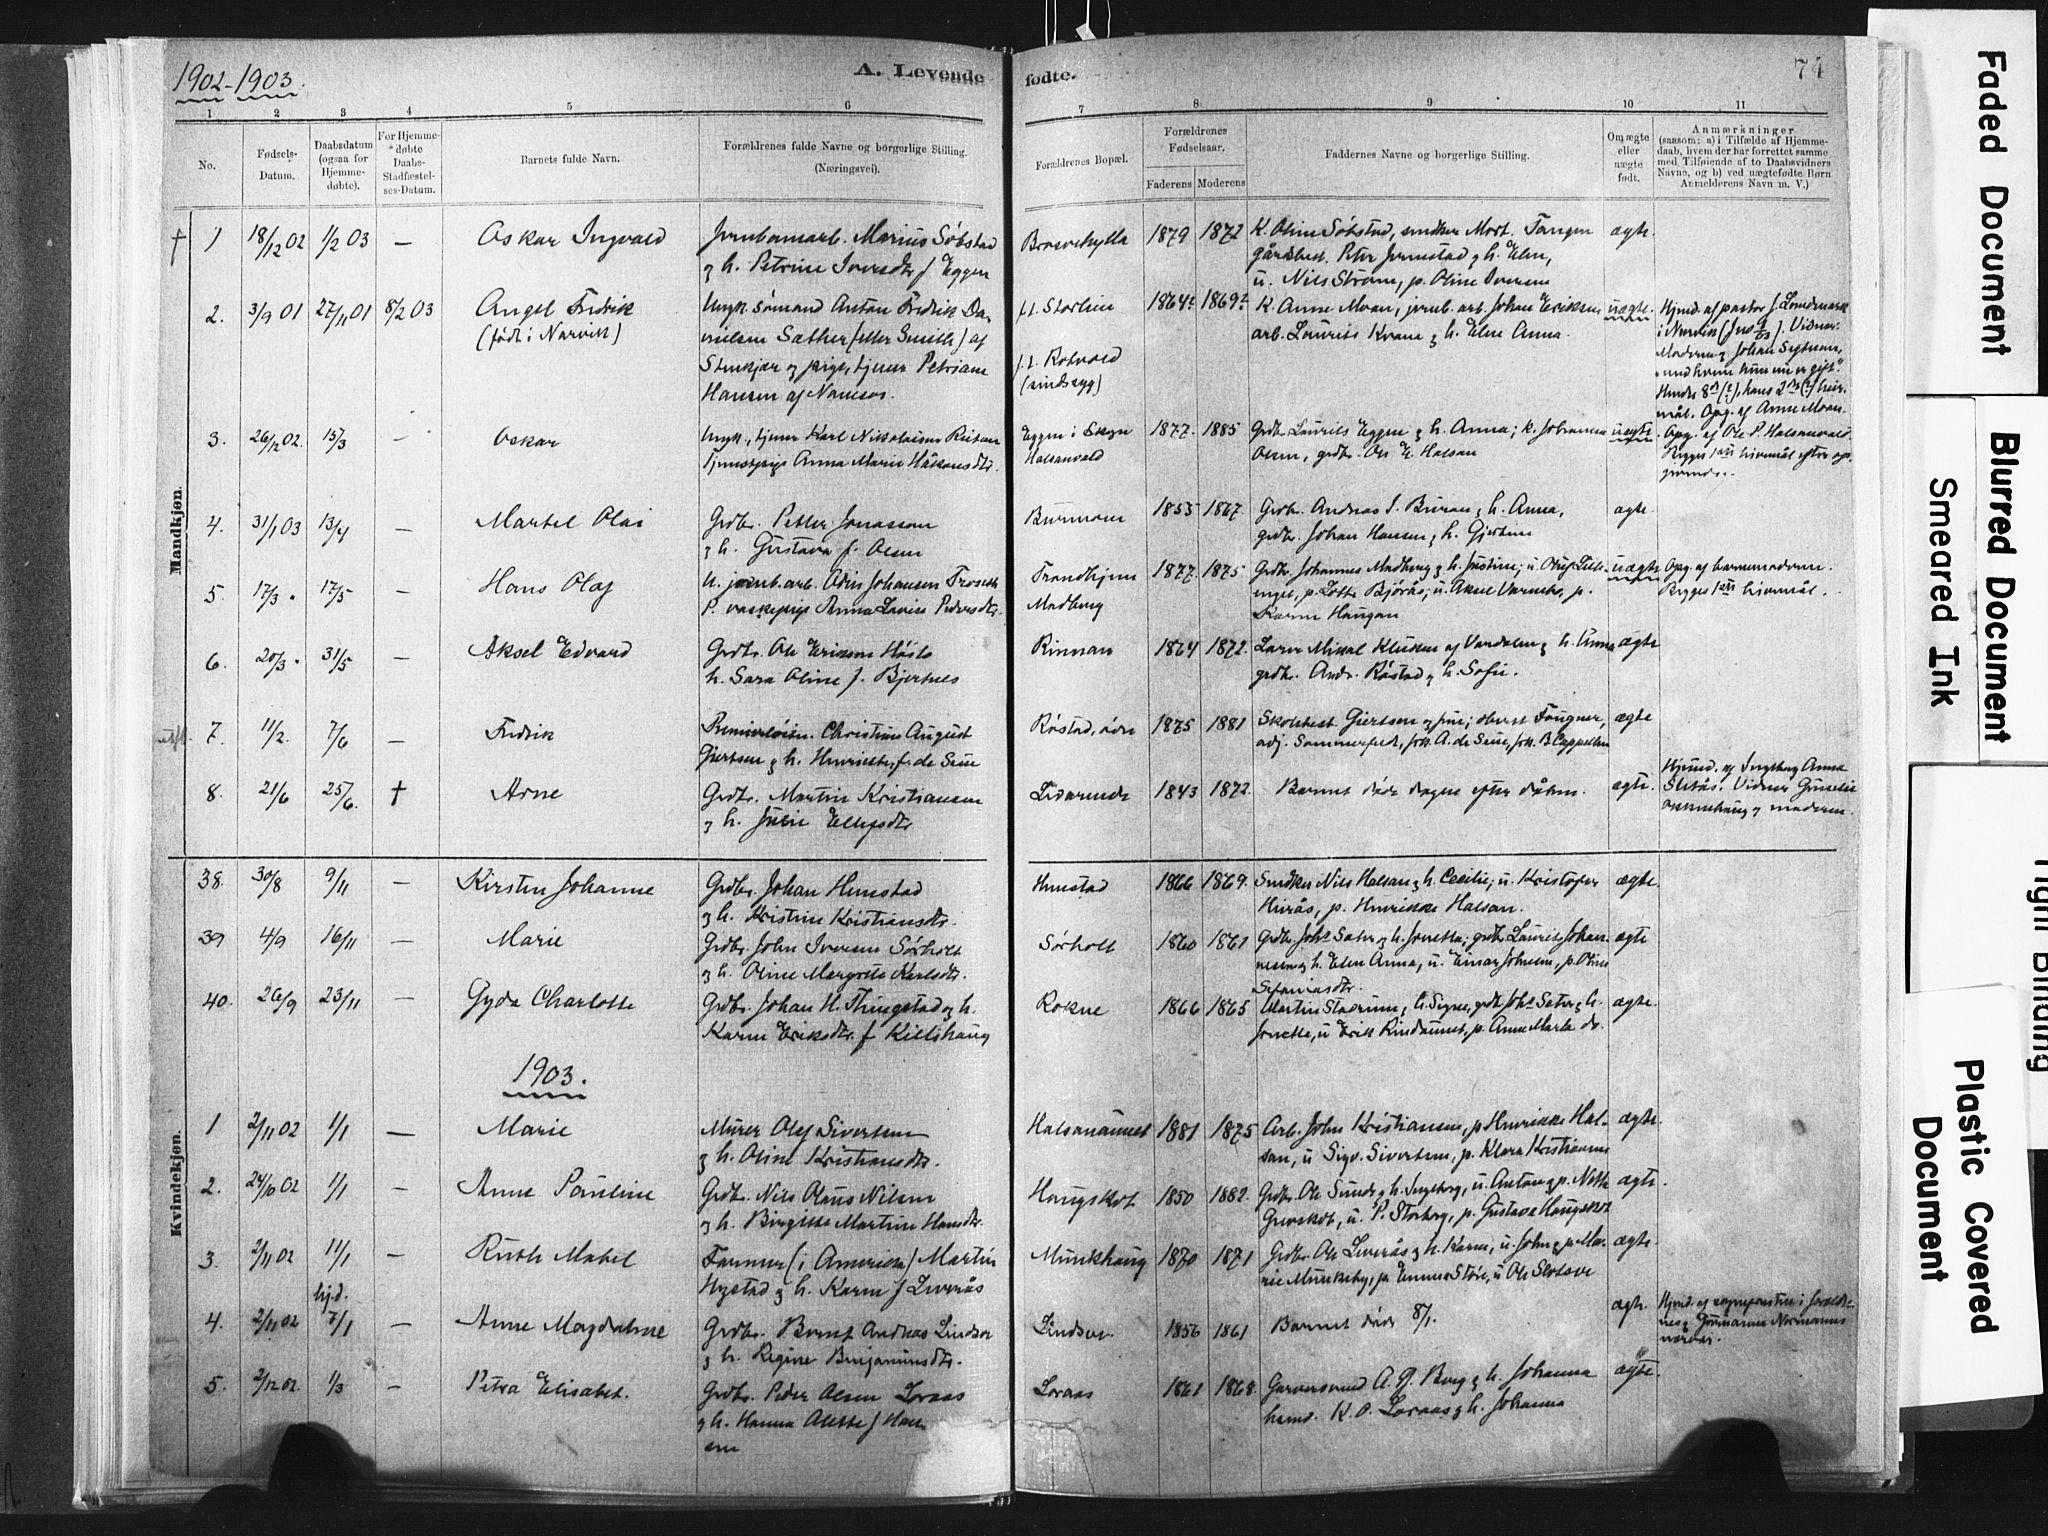 SAT, Ministerialprotokoller, klokkerbøker og fødselsregistre - Nord-Trøndelag, 721/L0207: Ministerialbok nr. 721A02, 1880-1911, s. 74